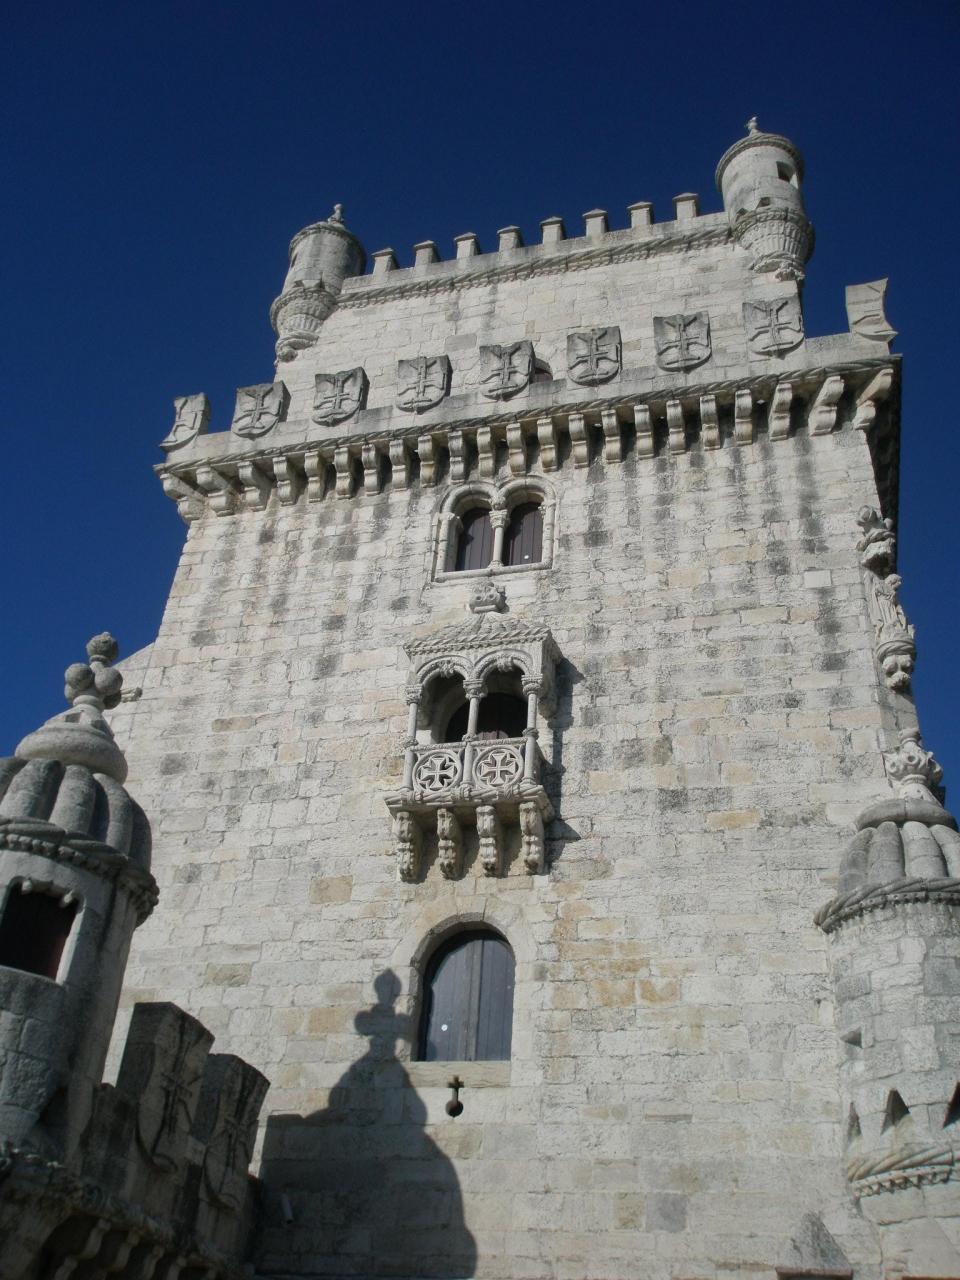 ベレンの塔の画像 p1_23